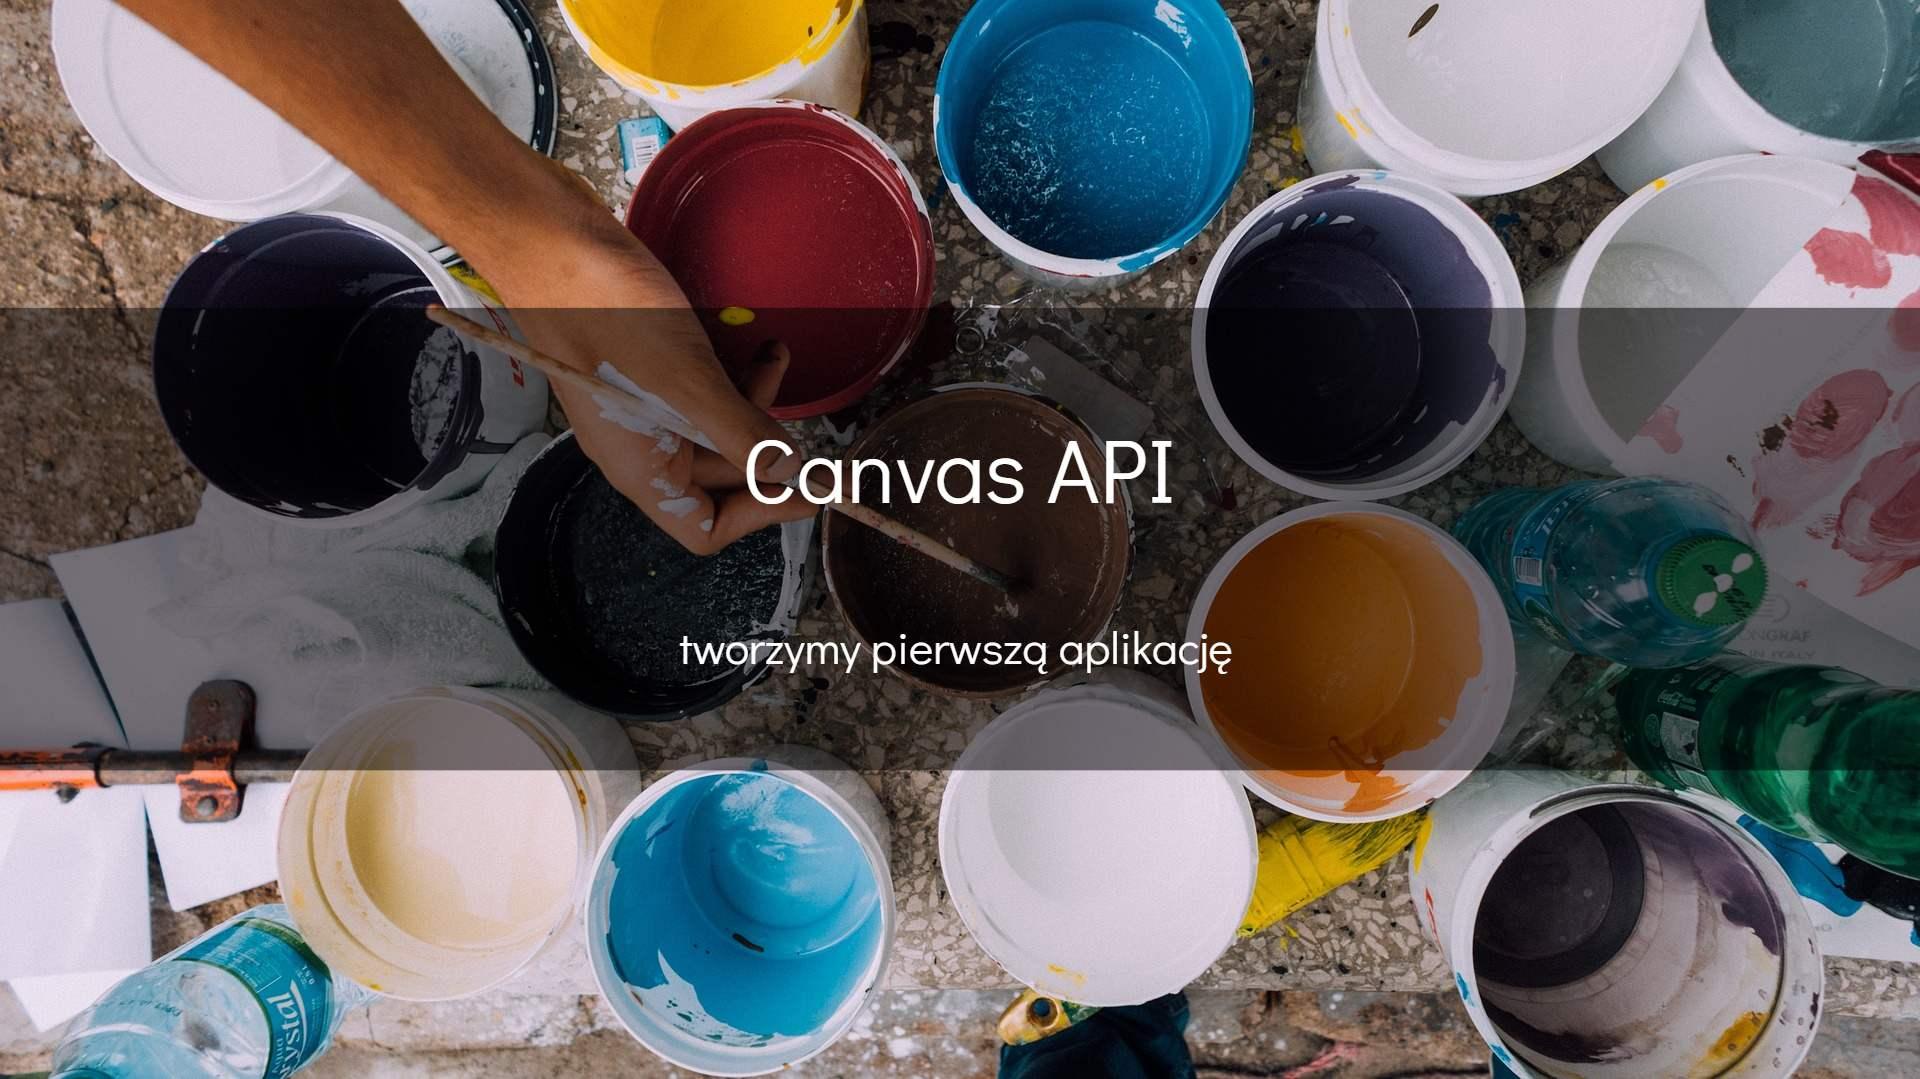 Podstawy pracy z canvas API